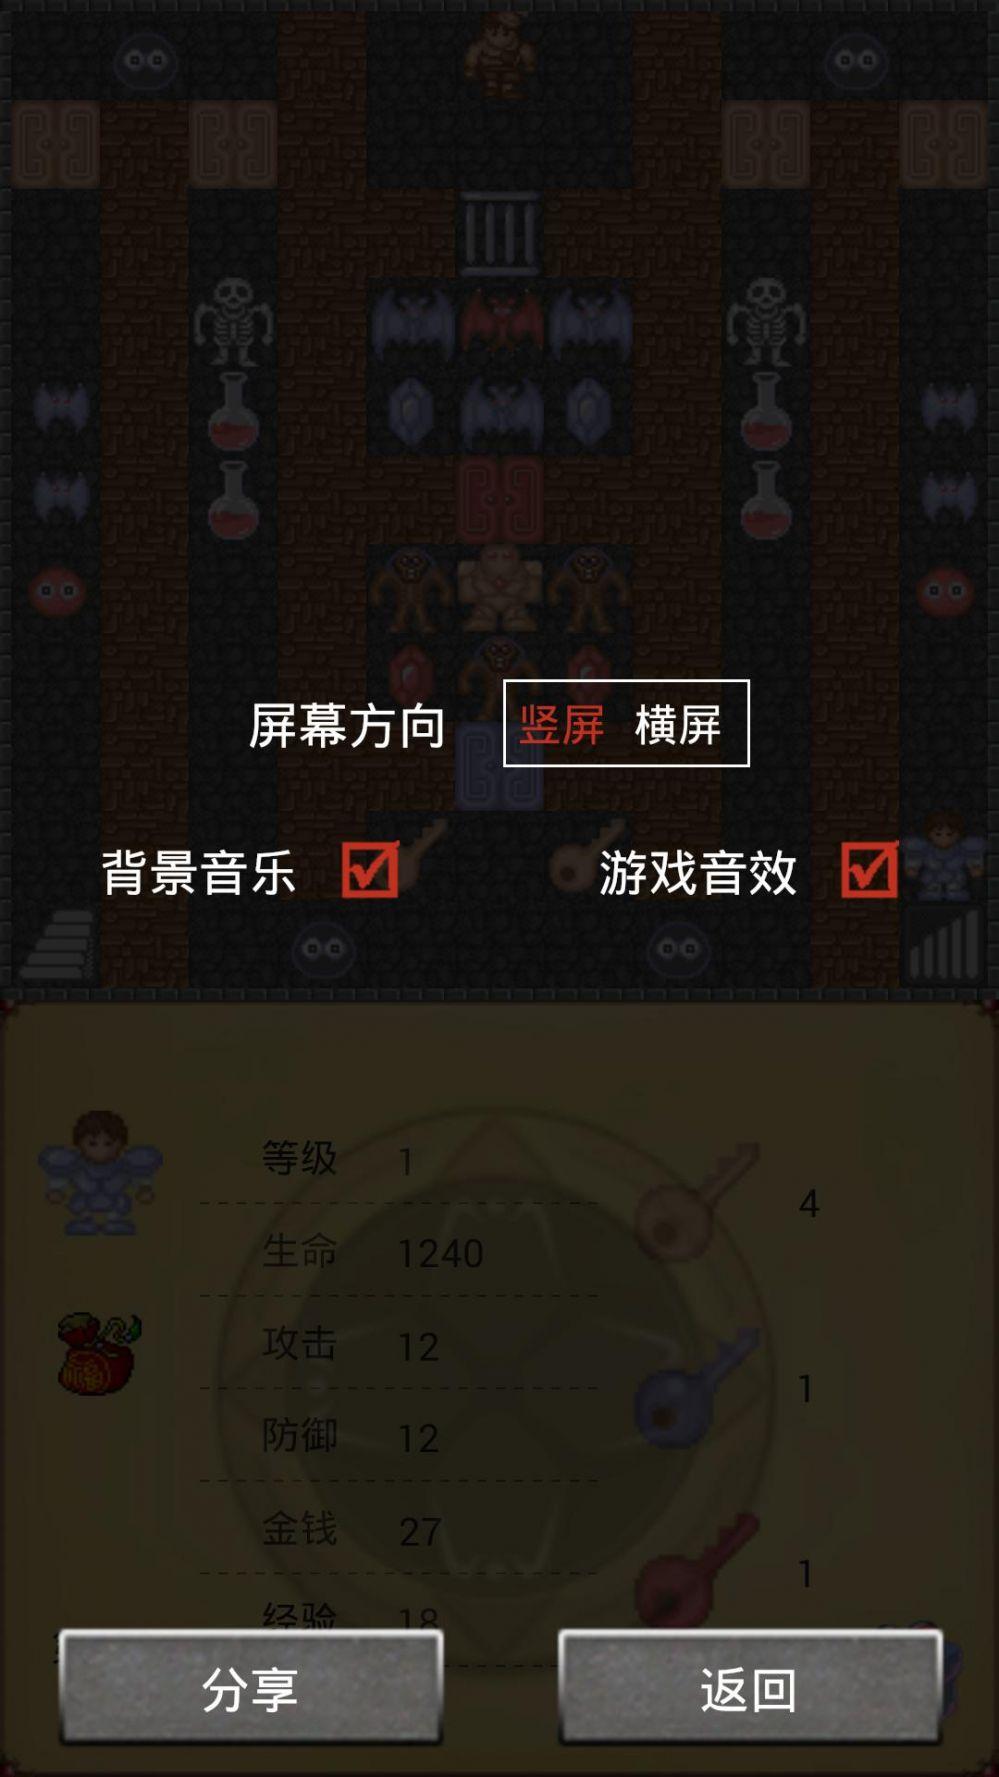 魔塔21层手机版下载游戏截图